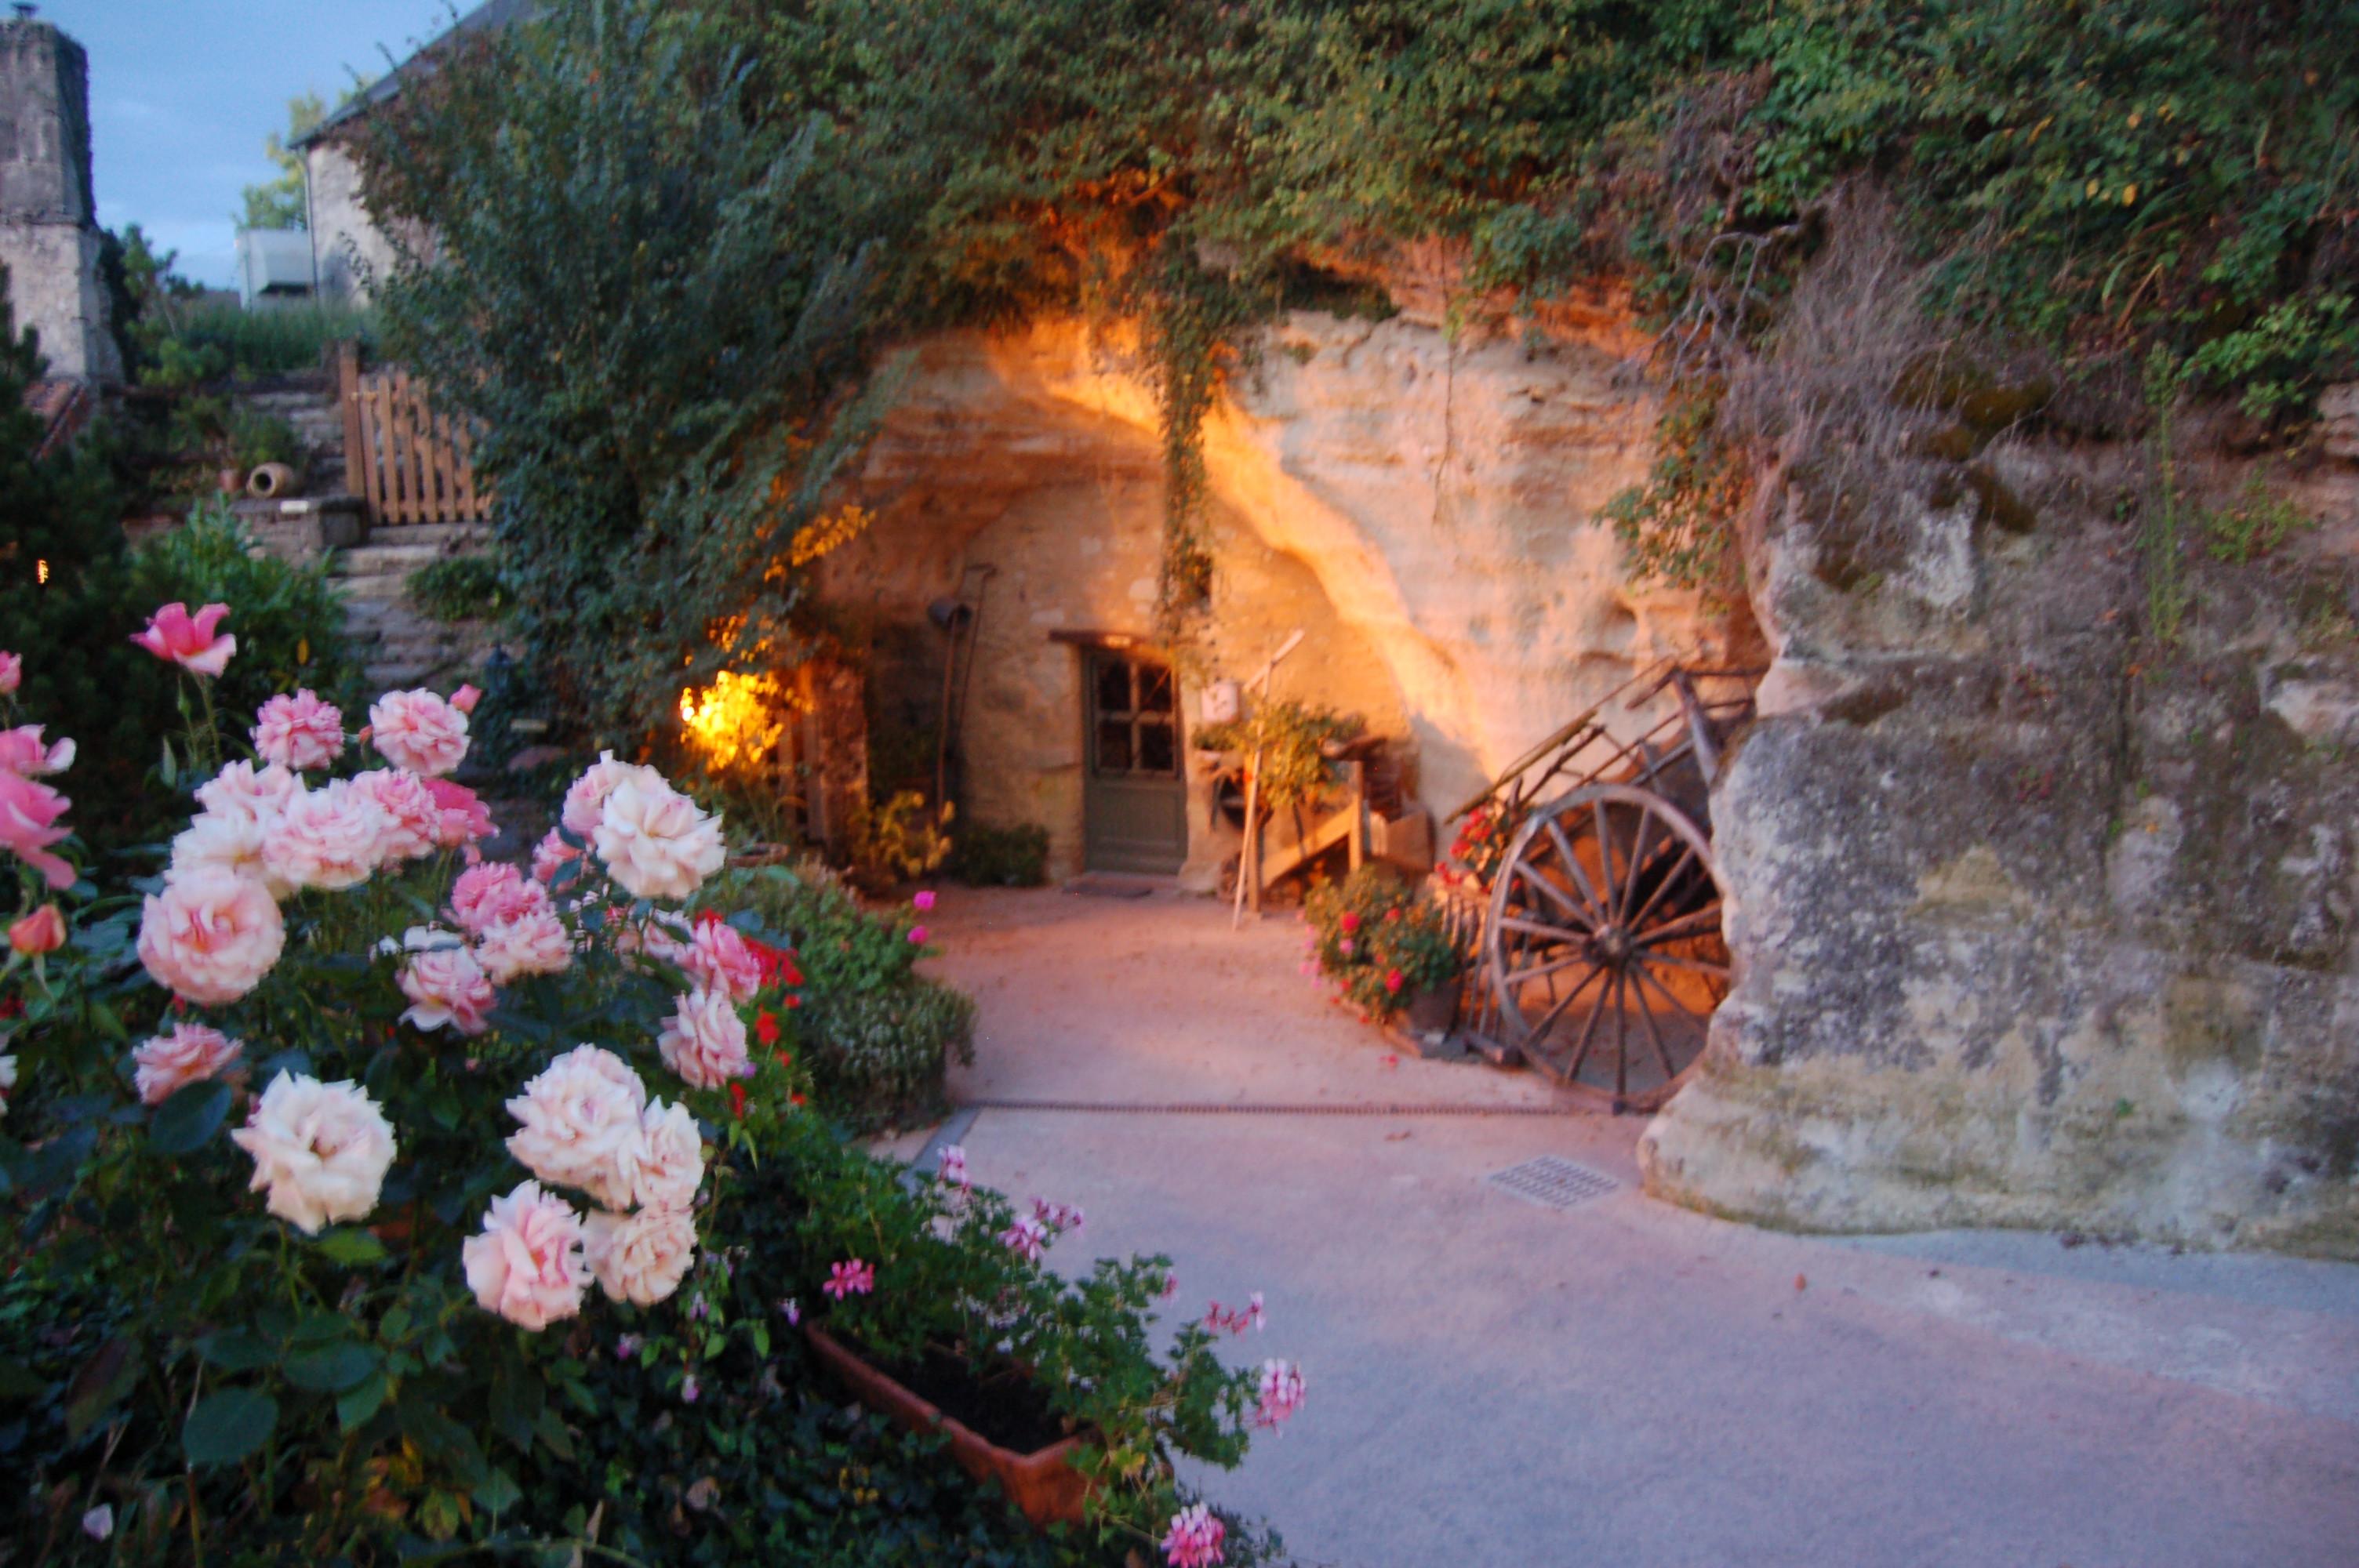 Vue extérieur accès four Les Caves de la Genevraie, Restaurant troglodytique à Rocaminori, Anjou caves-genevraie-restaurant-troglodytique-n-hotel-troglodyte-saumur-anjou-weekend-romantique-amoureux-sejour-atypique-troglo